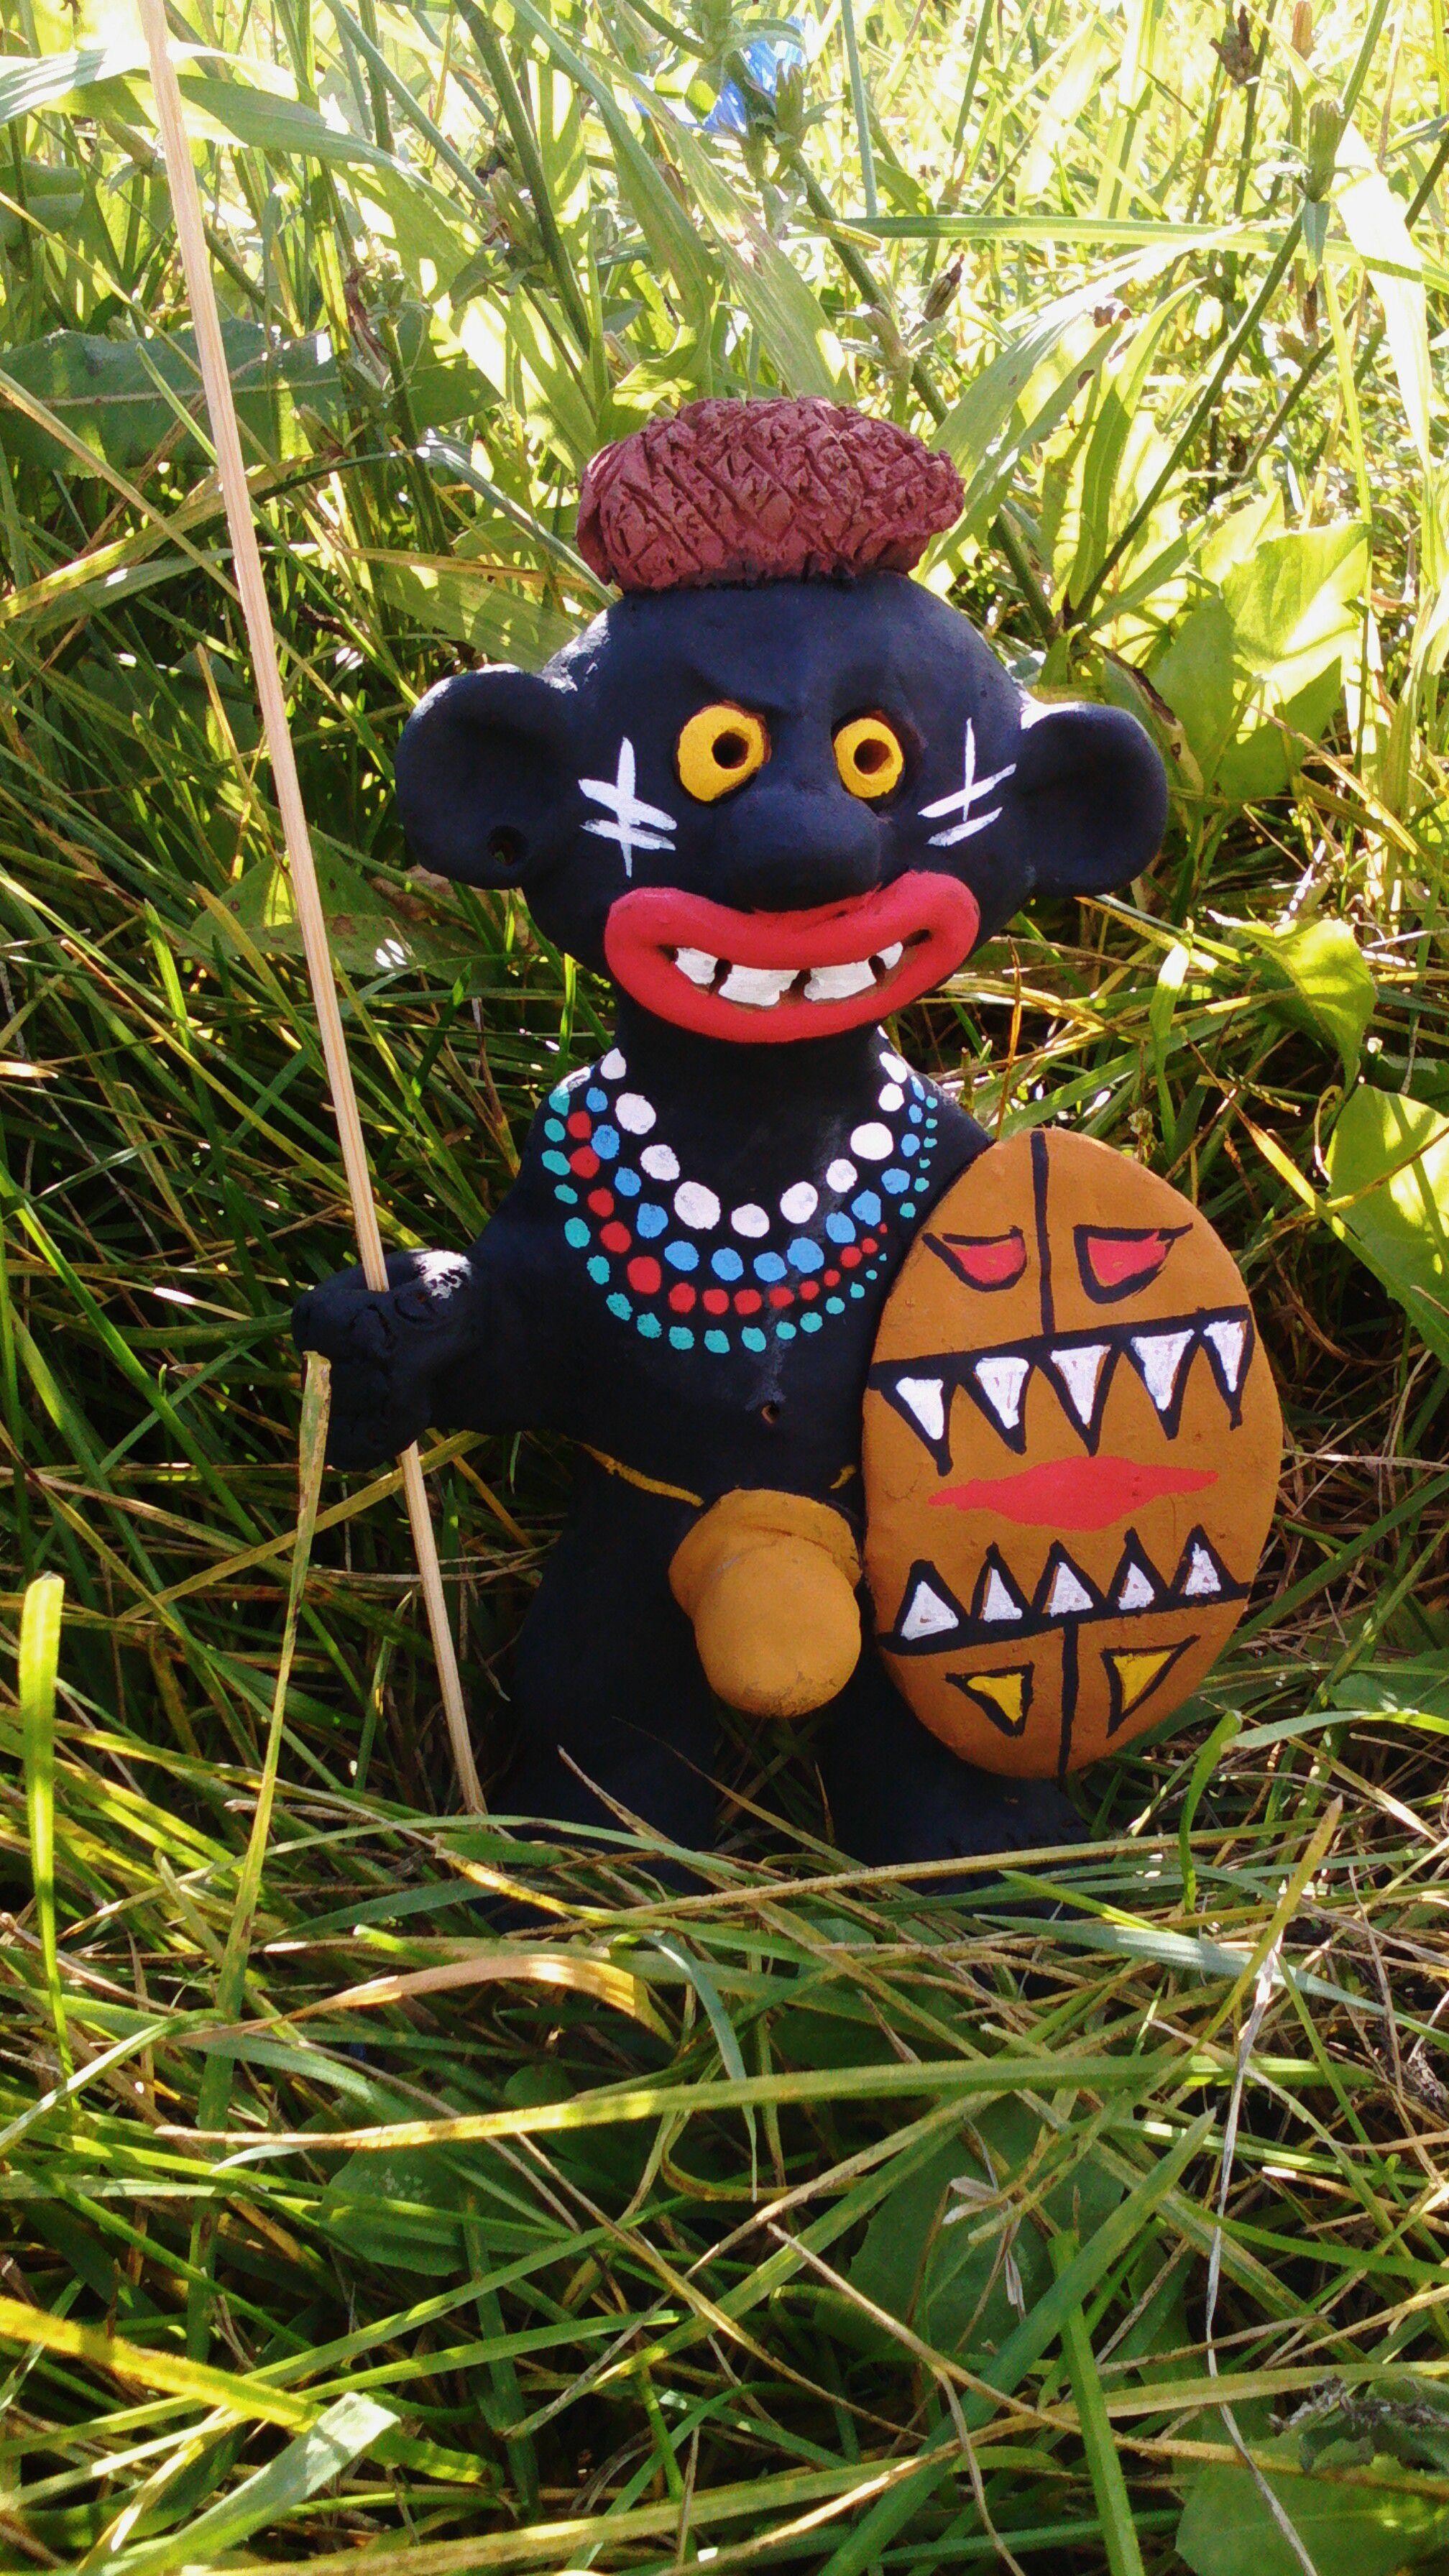 игрушки подарок русский кутузов человек интерьер сувенир глины творчество дом